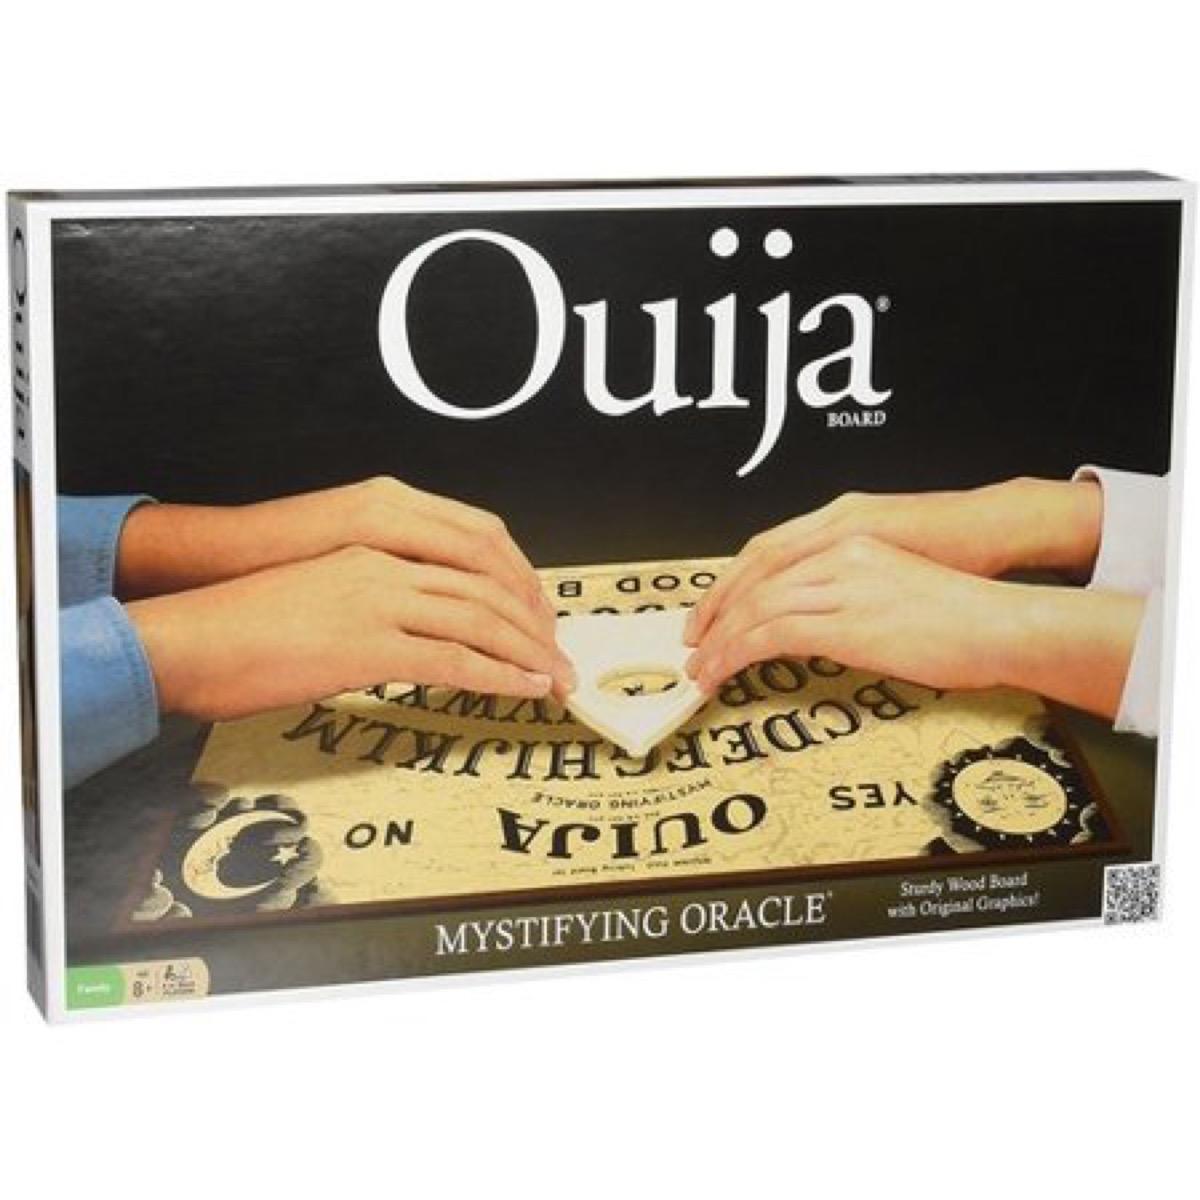 ouija board box